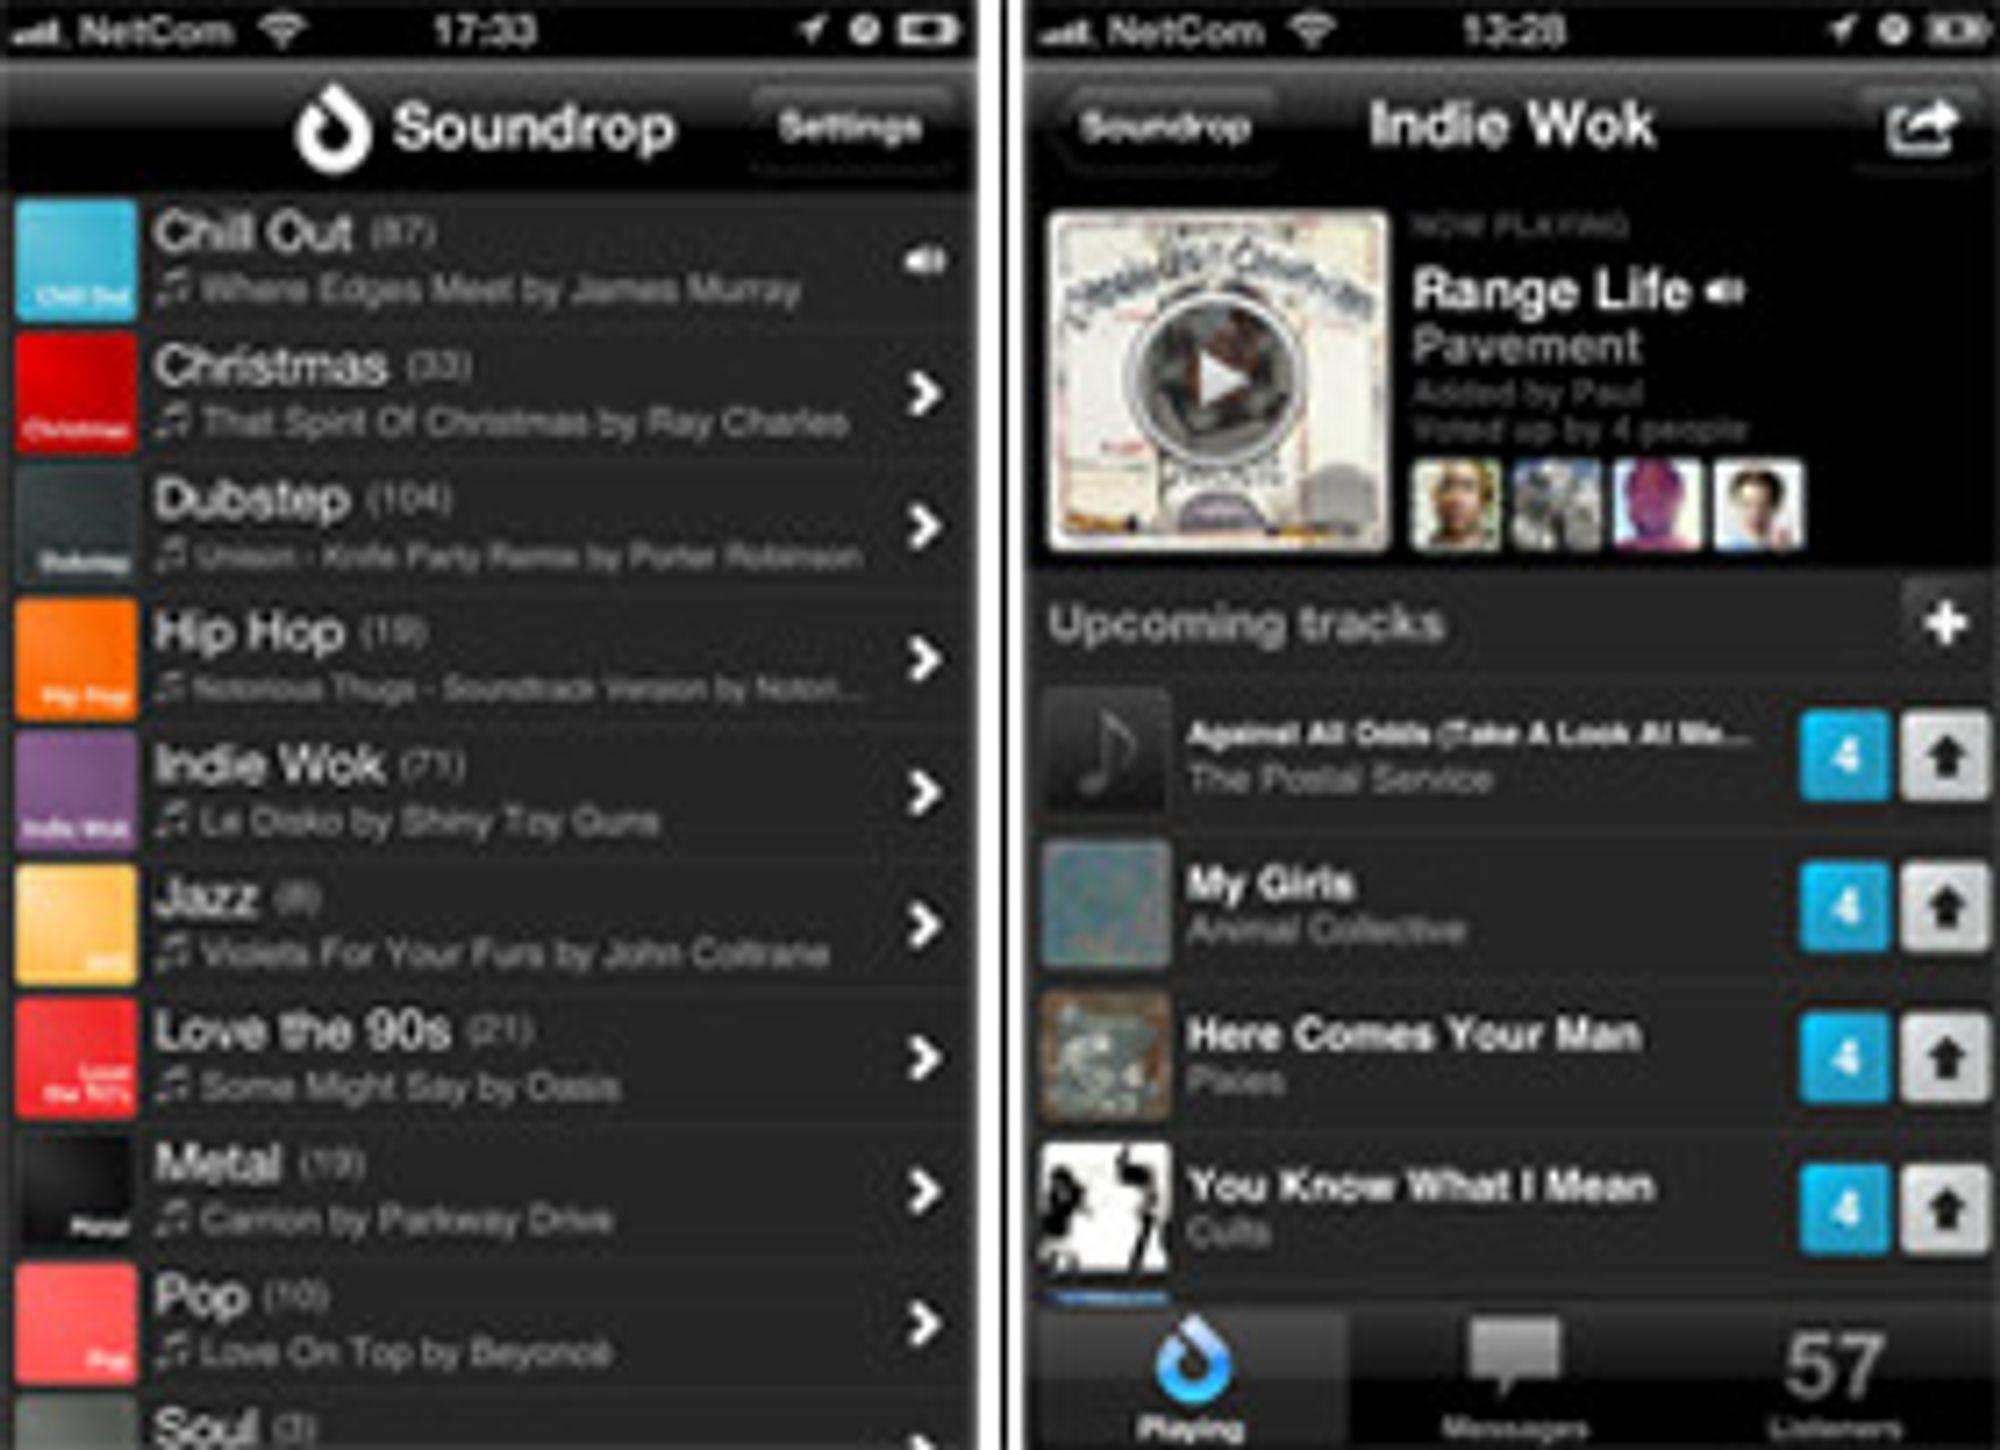 Soundrop-klienten til iOS fungerer på samme vis, og krever også premium-abonnement på Spotify.